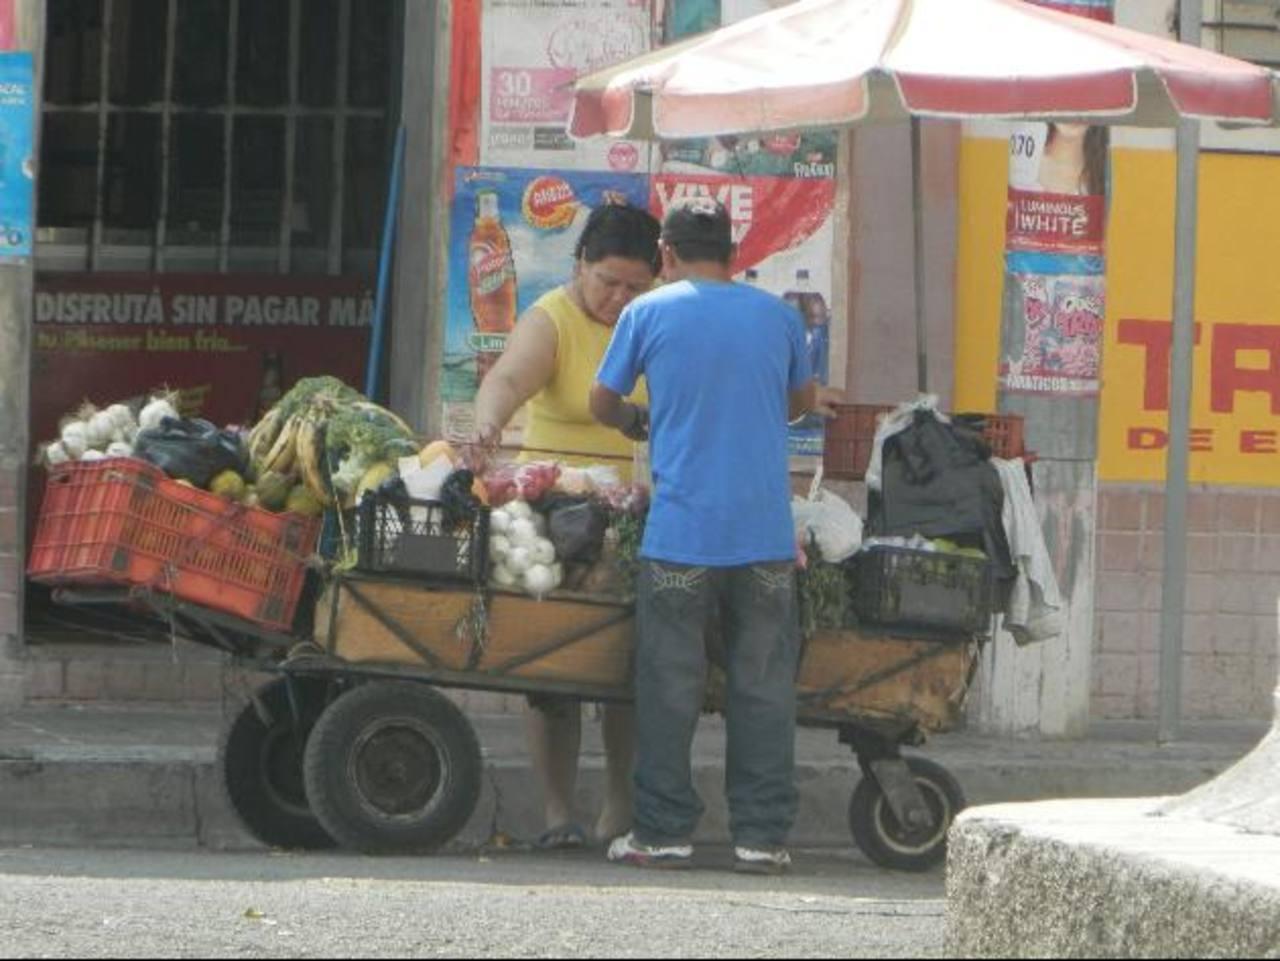 Los carretilleros ambulantes que circulan por barrios y colonias son acusados de contaminar la vía pública y lanzas basura en zonas residenciales. Fotos EDH / Milton jaco